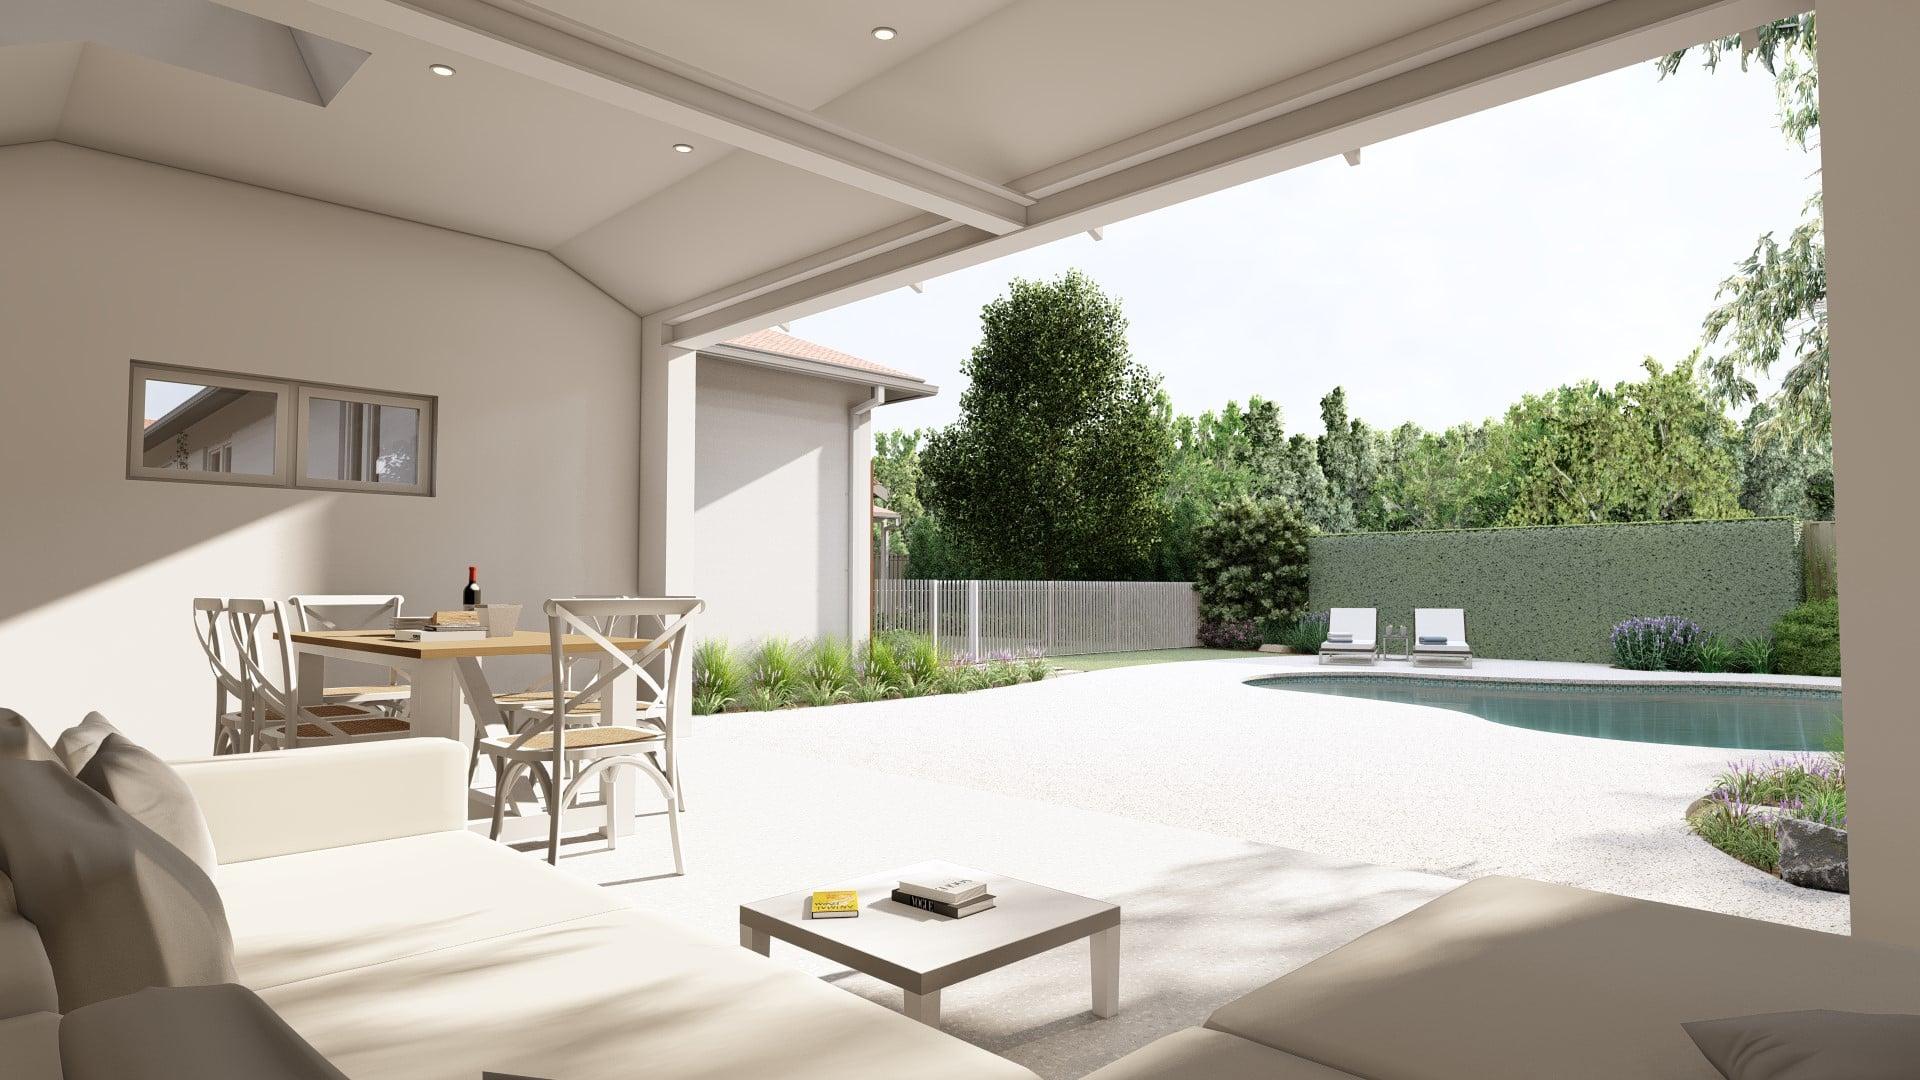 perth pool house 3d landscape design